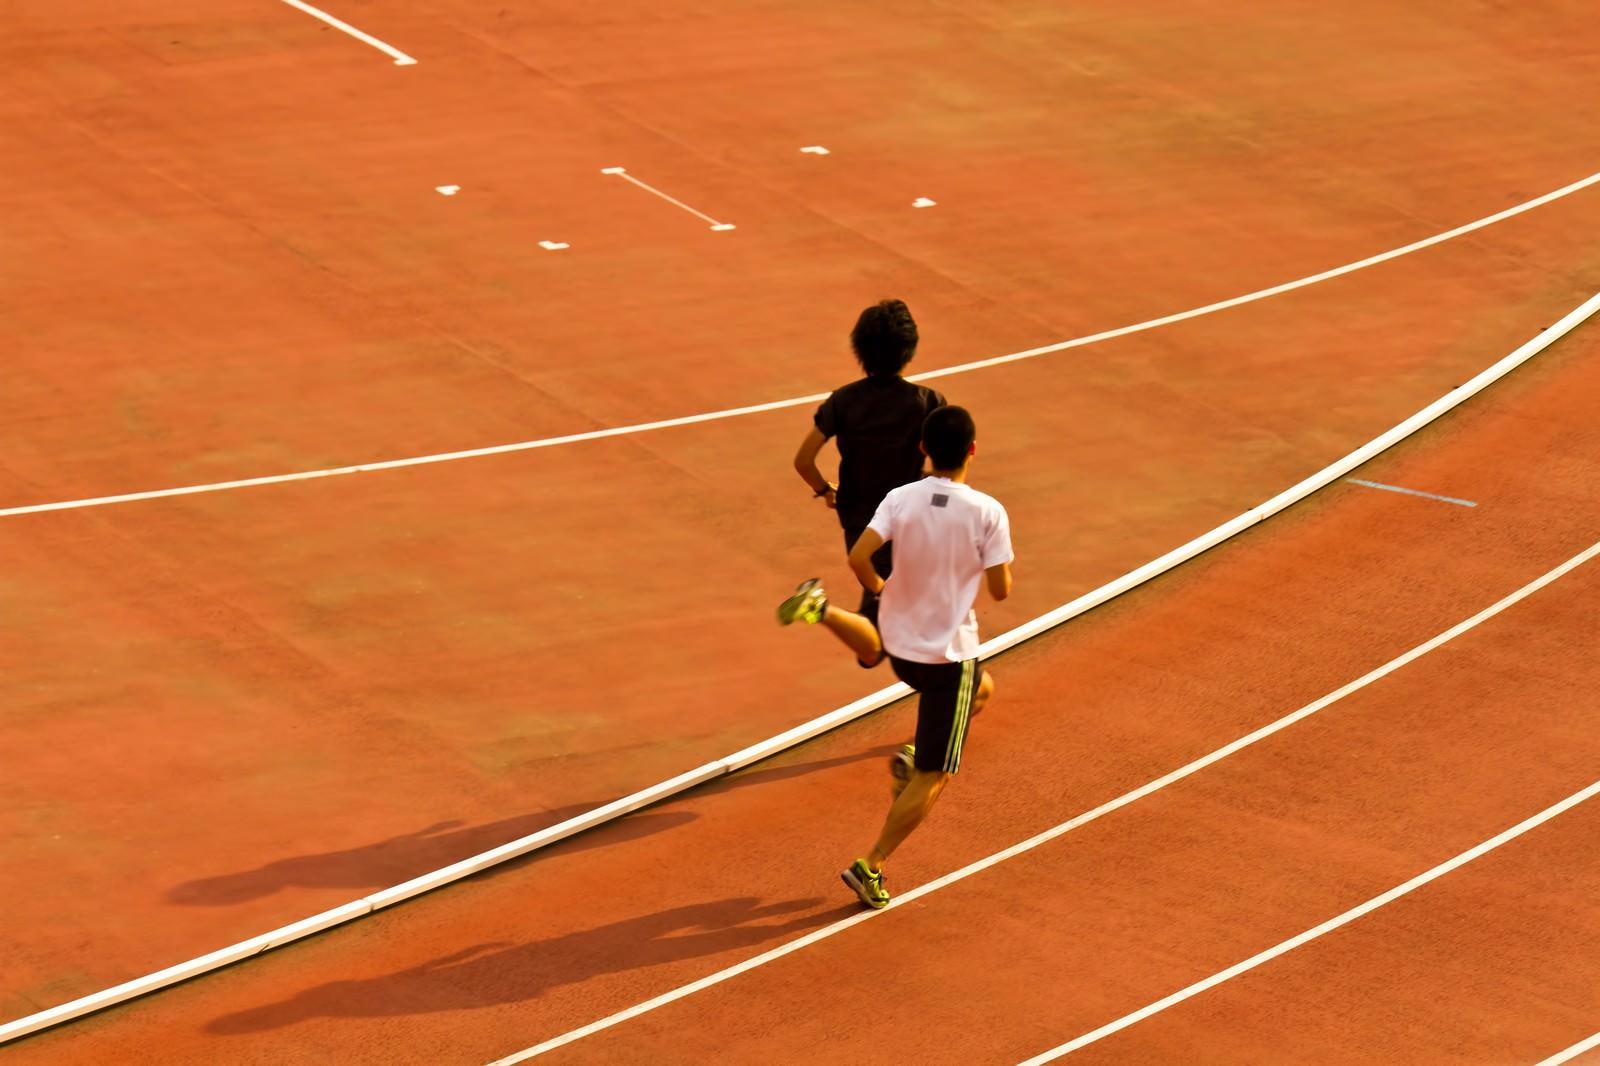 「競技場を走る陸上選手」の写真